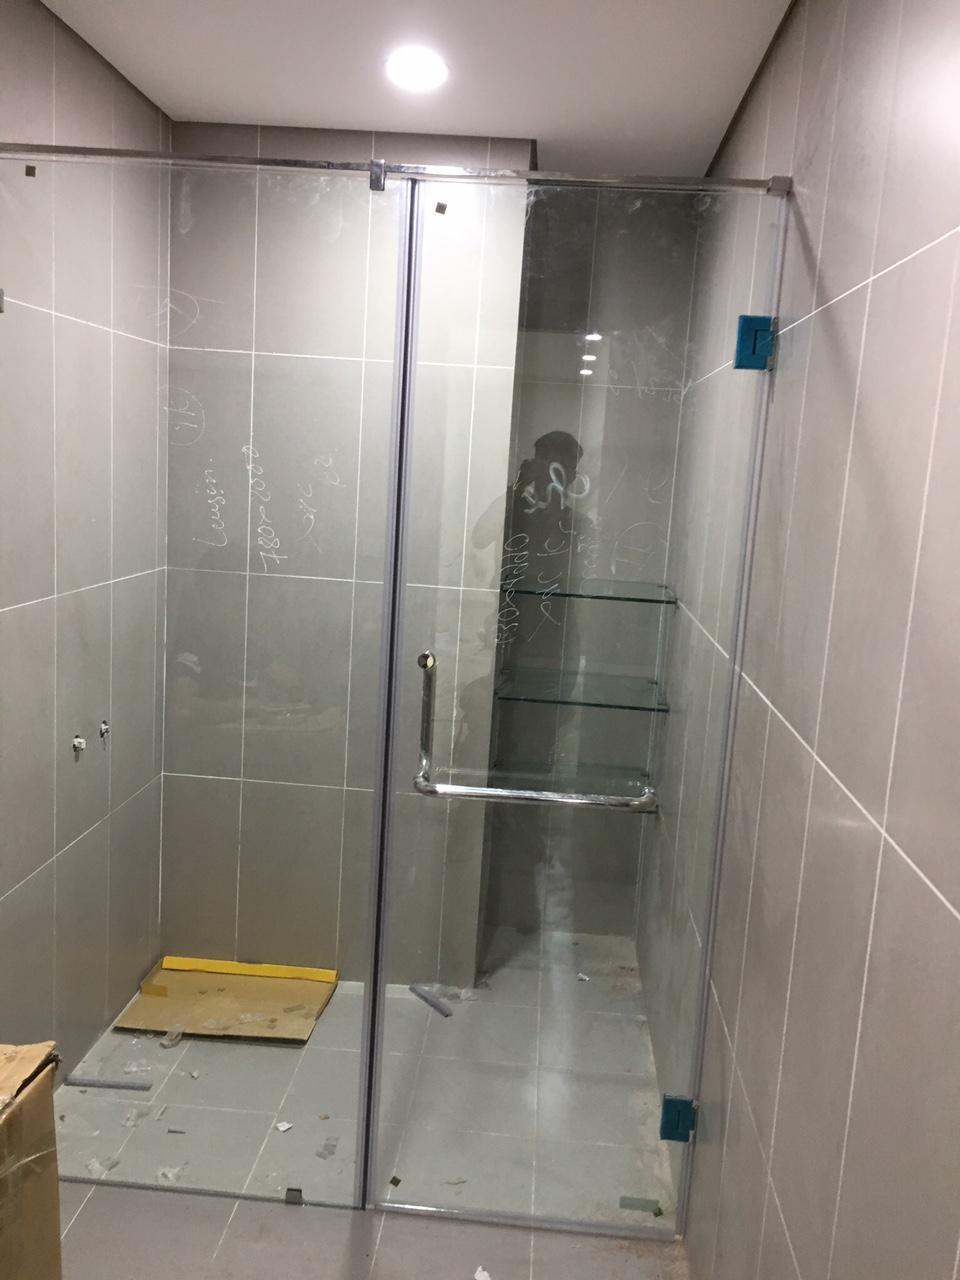 Thi công vách kính cường lực phòng tắm